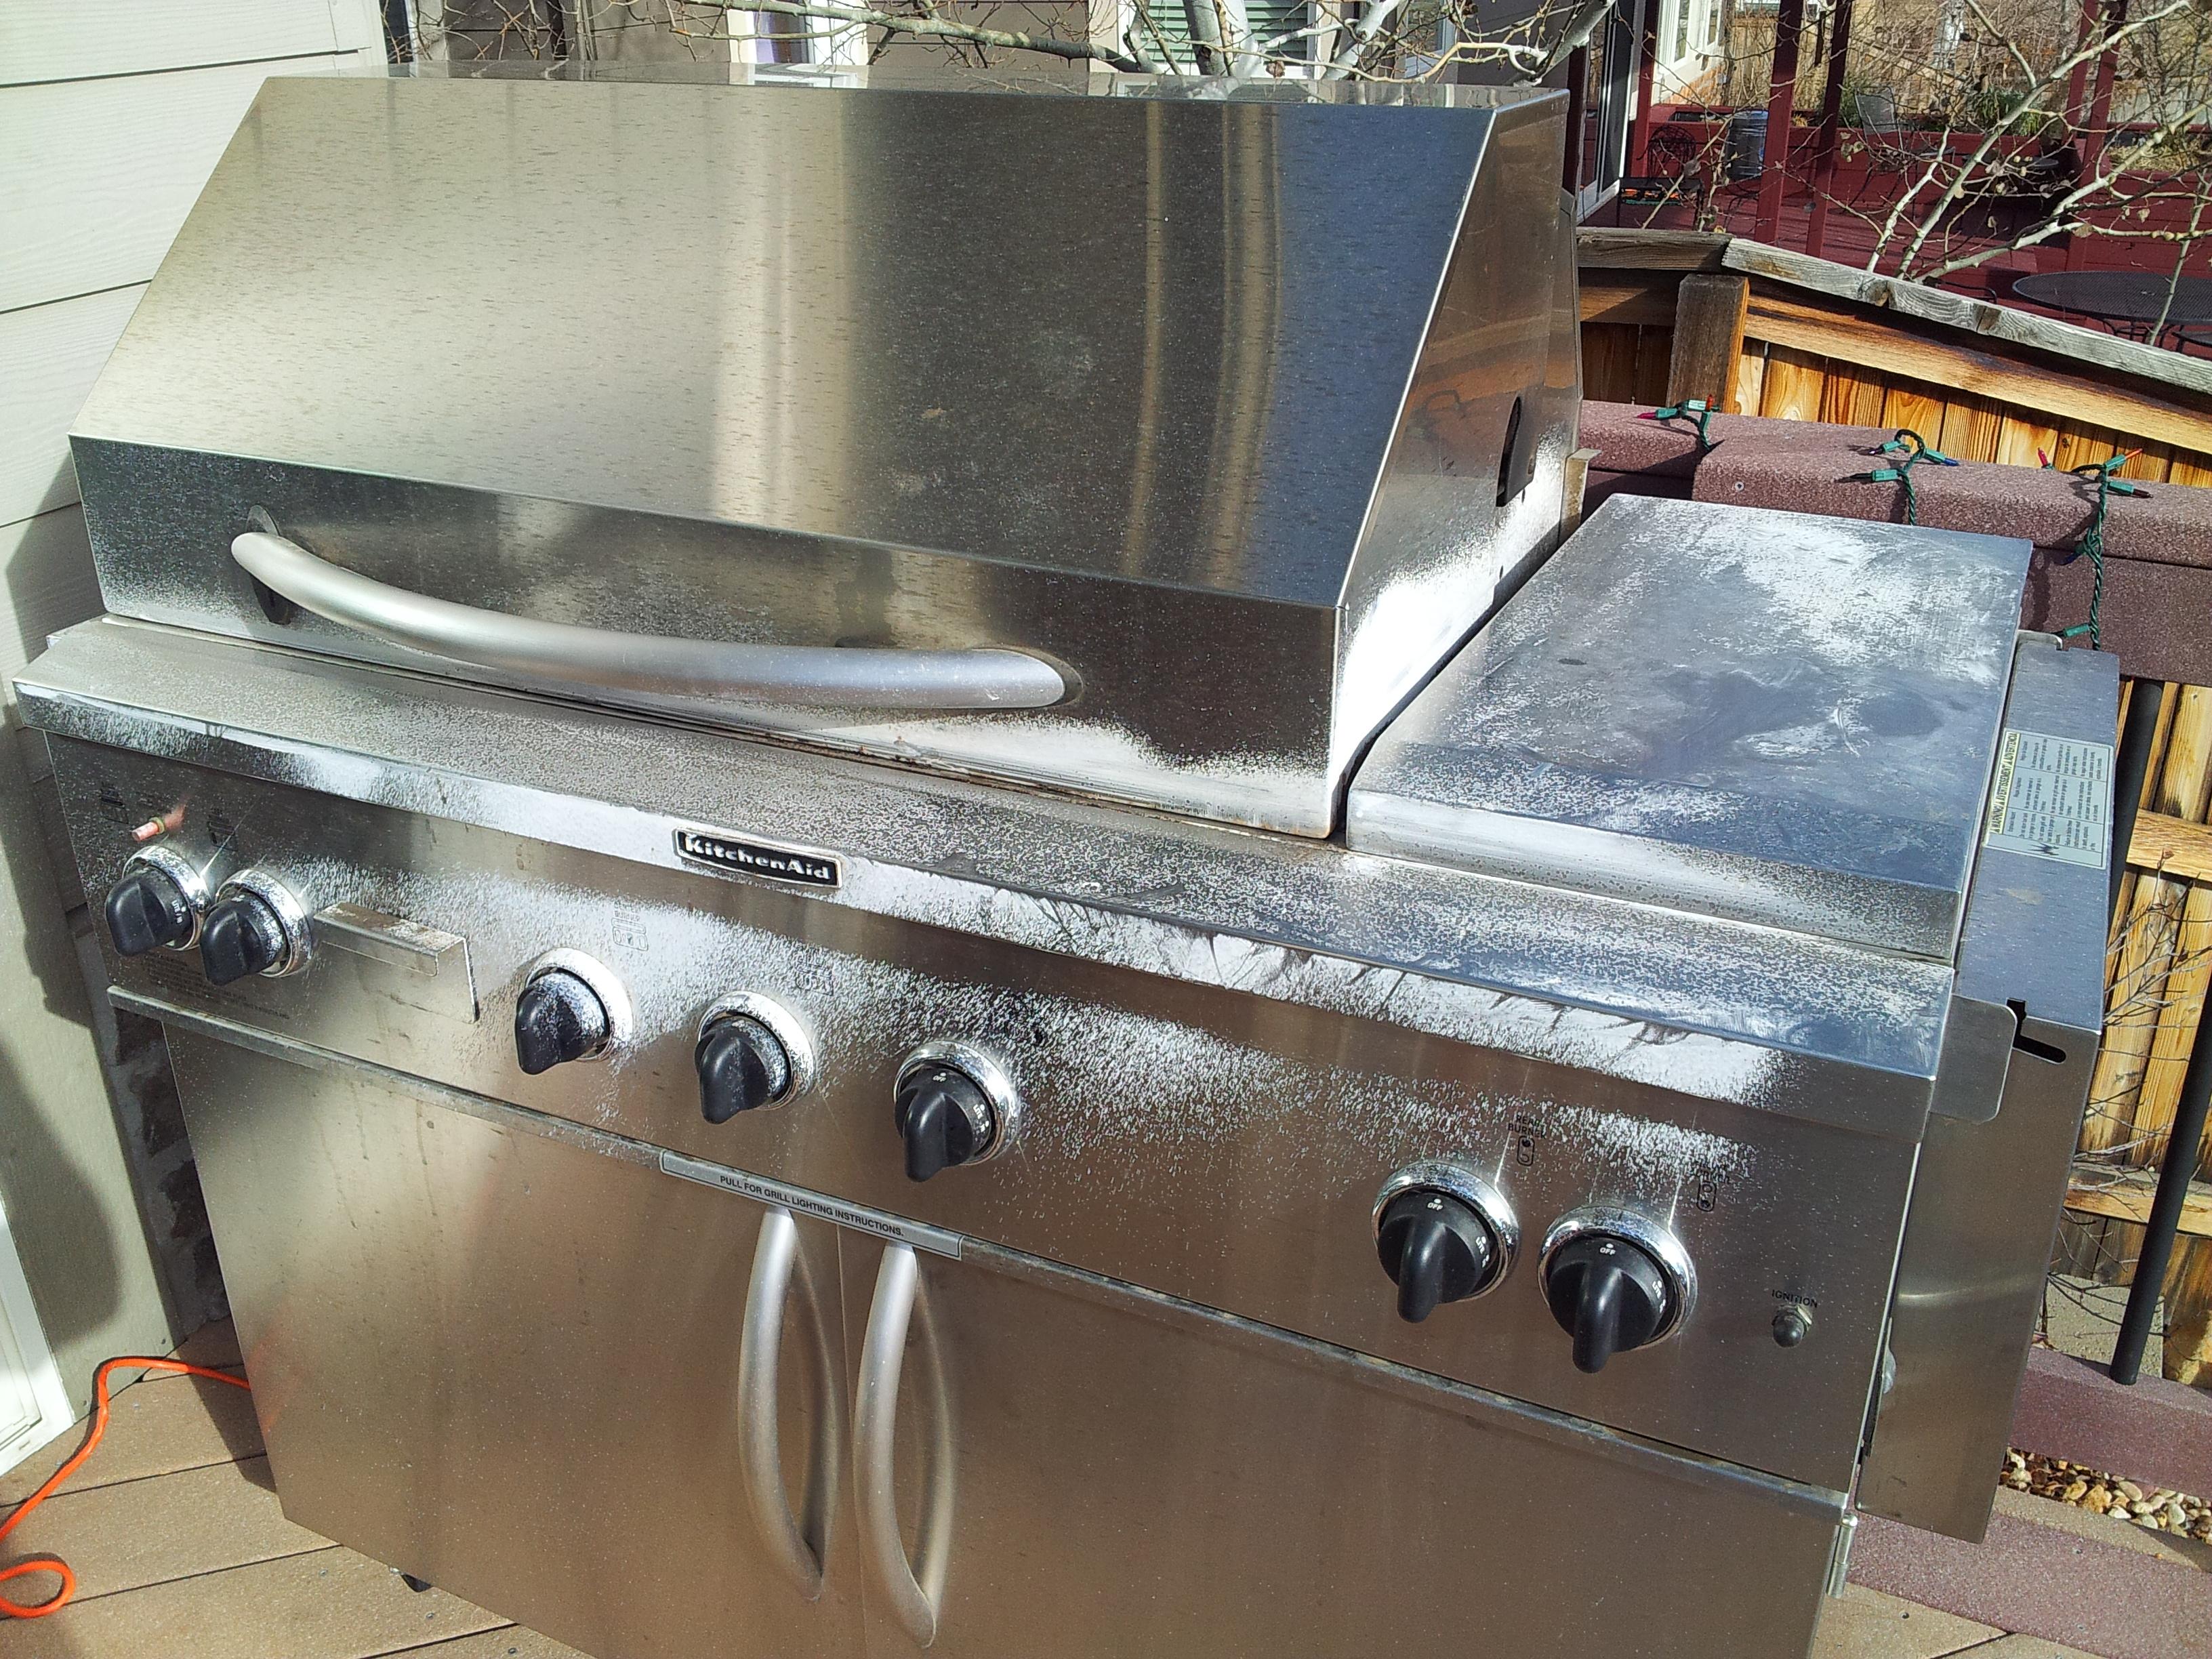 Kitchenaid BBQ Grill